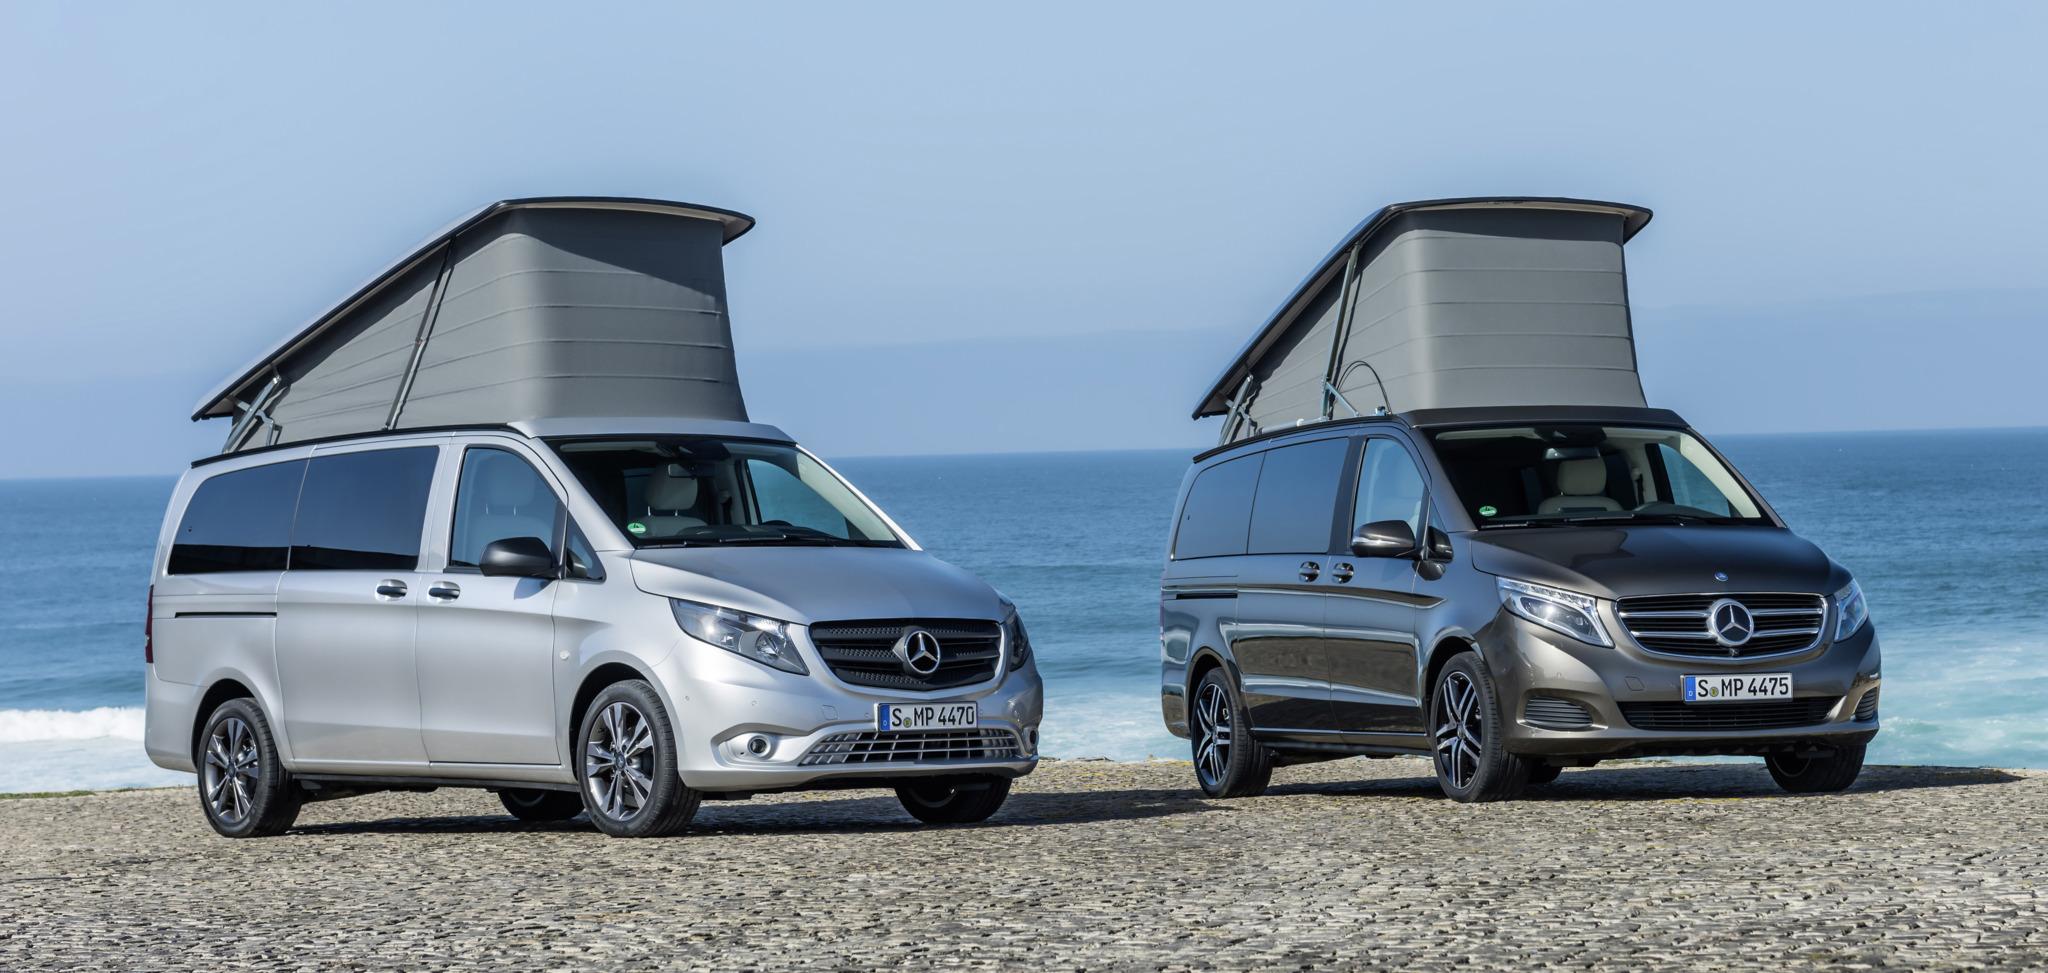 El confort y la elegancia se unen a la flexibilidad y el alto grado de variabilidad que ofrece el Marco Polo Horizon de Mercedes creado para los aventureros que aman el cielo libre y estrellado.